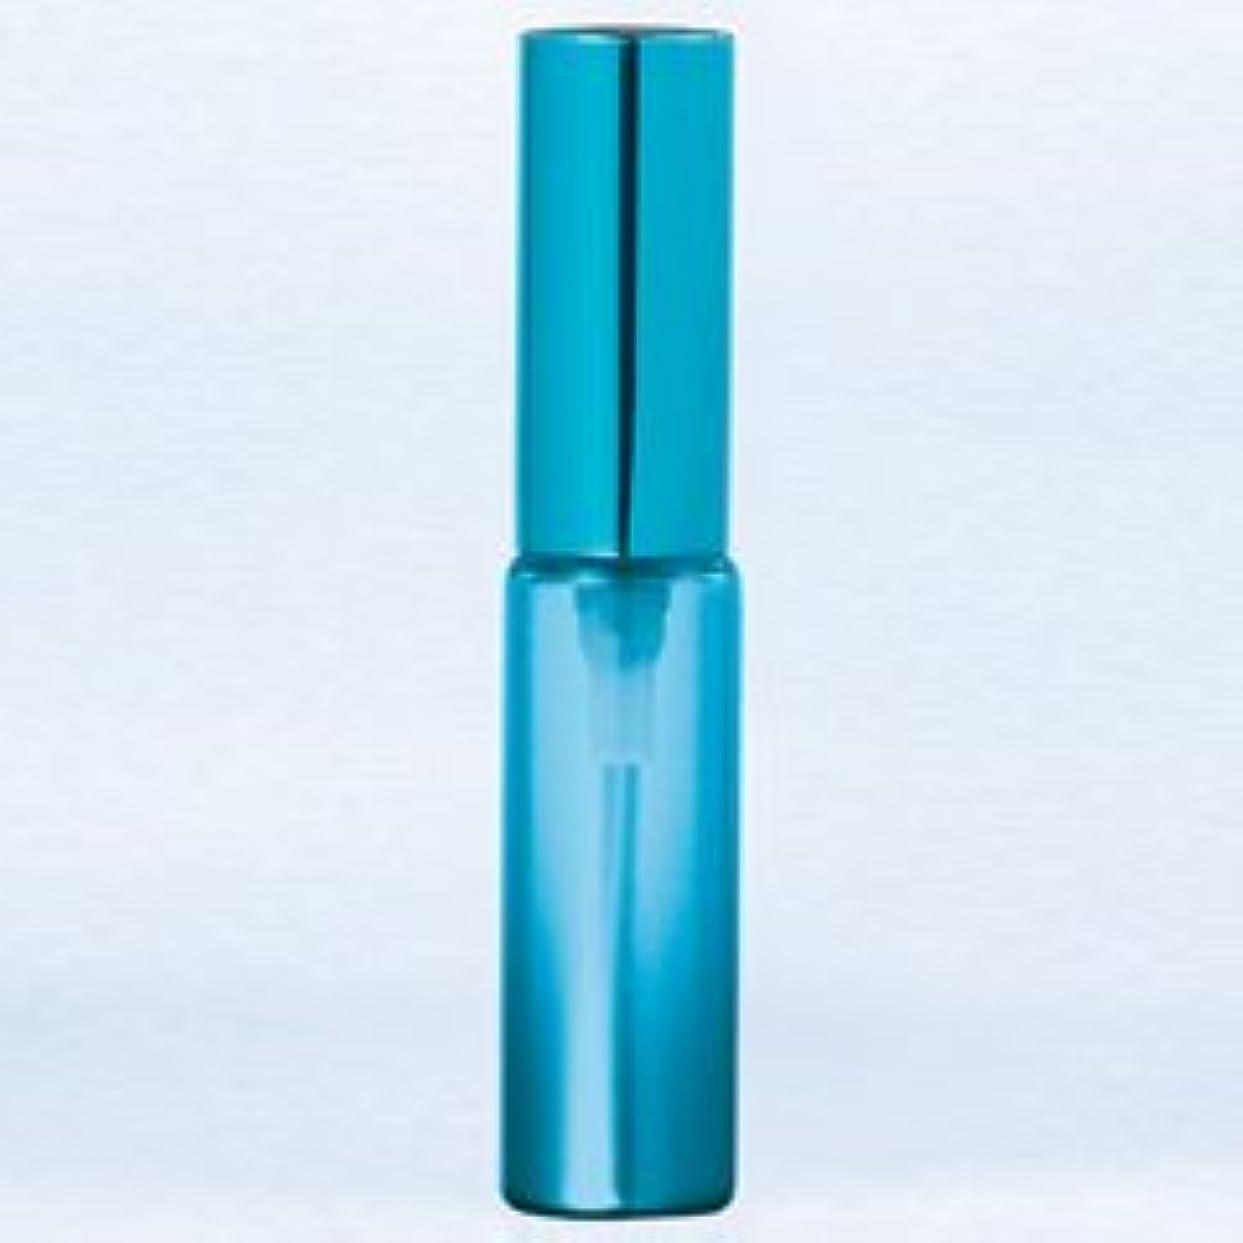 ヒロイン無駄な測定【ヤマダアトマイザー】グラスアトマイザー プラスチックポンプ 無地 60402 メタリックグラデ ブルー アルミキャップ ブルー 4ml